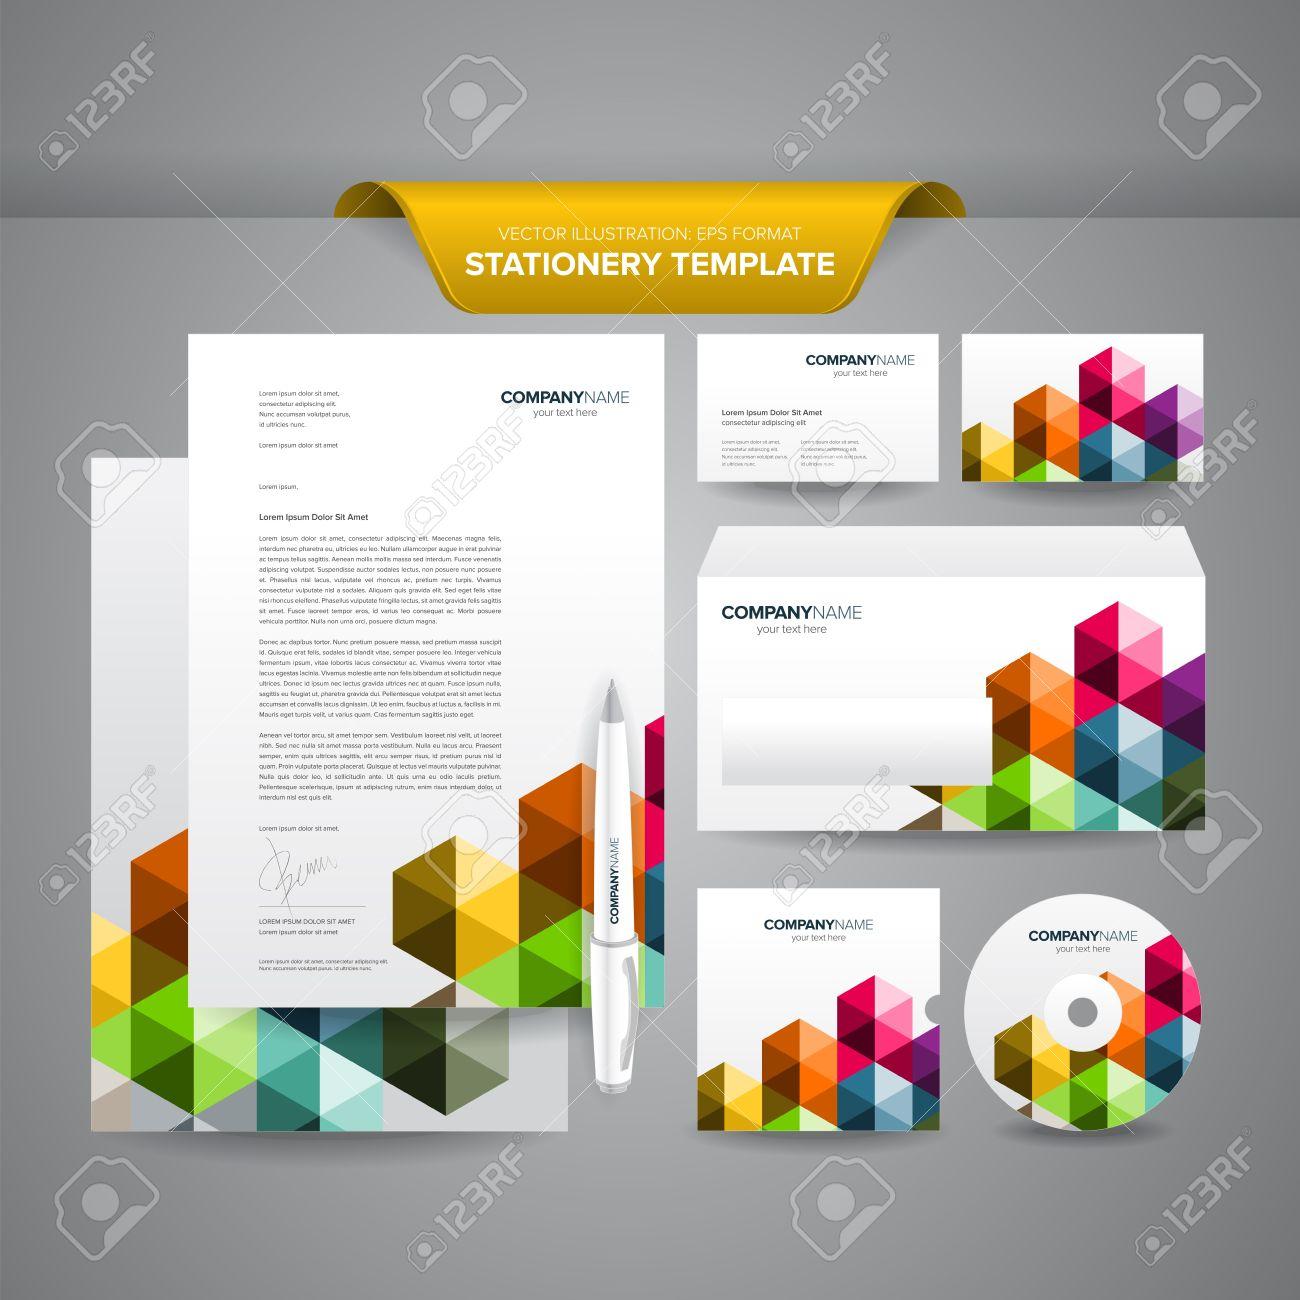 Ensemble Complet De Modle Papeterie En Tte Cartes Visite Enveloppe